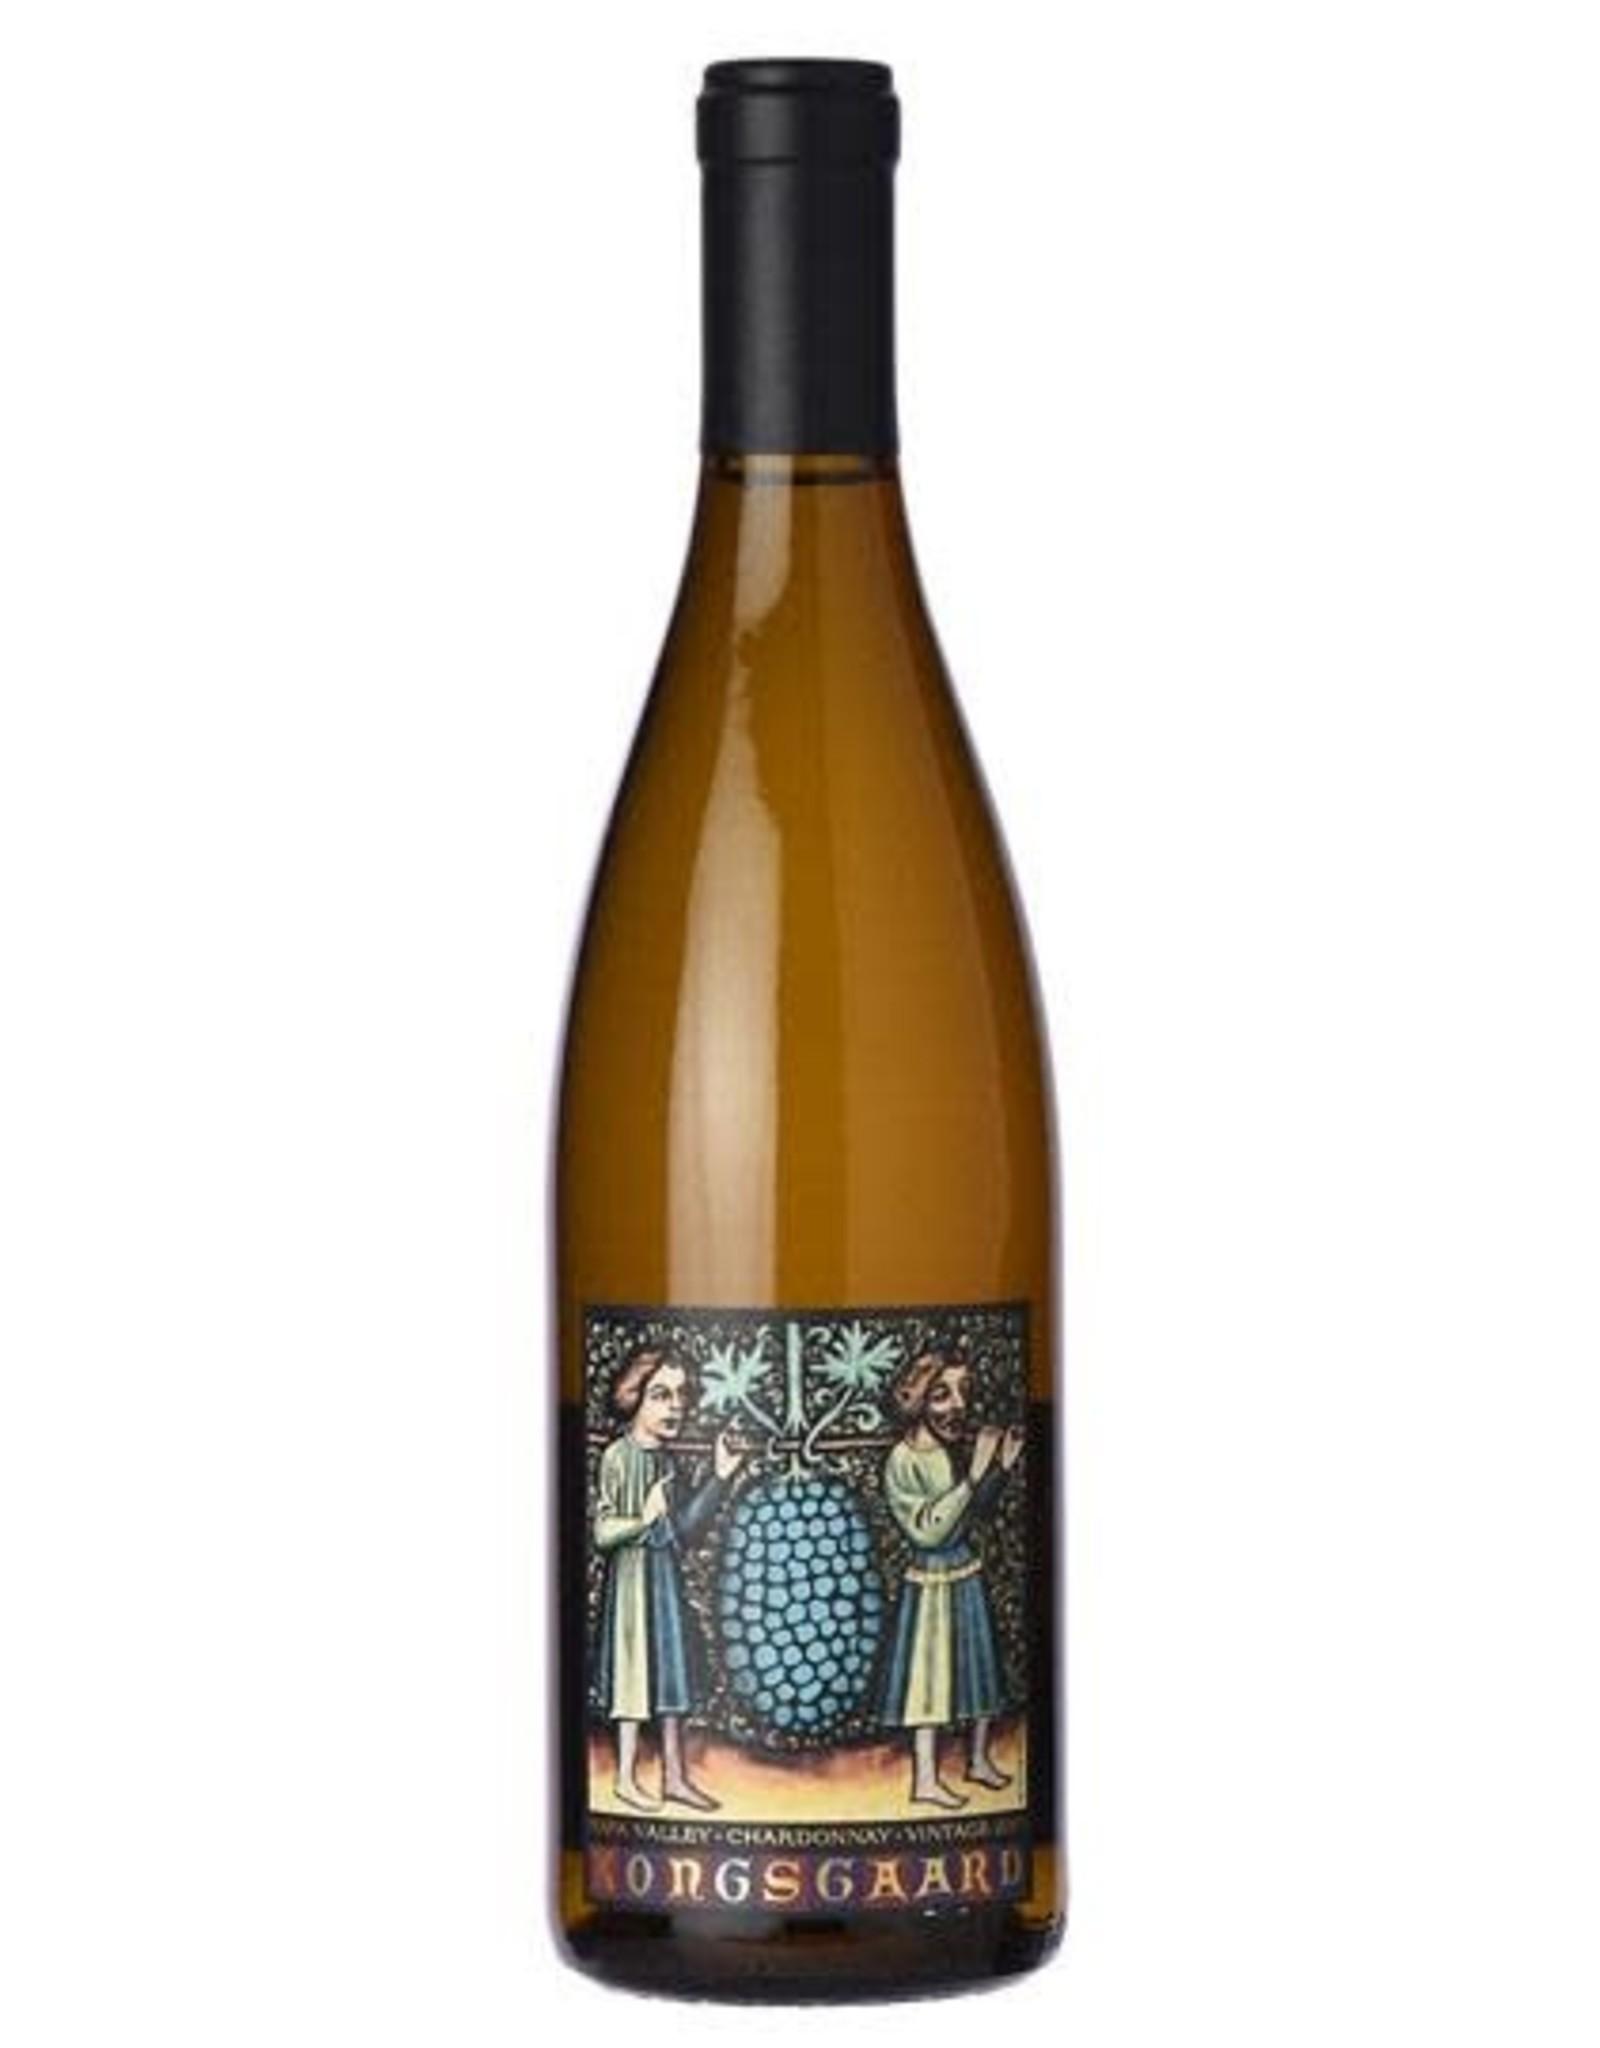 Kongsgaard Chardonnay 2018